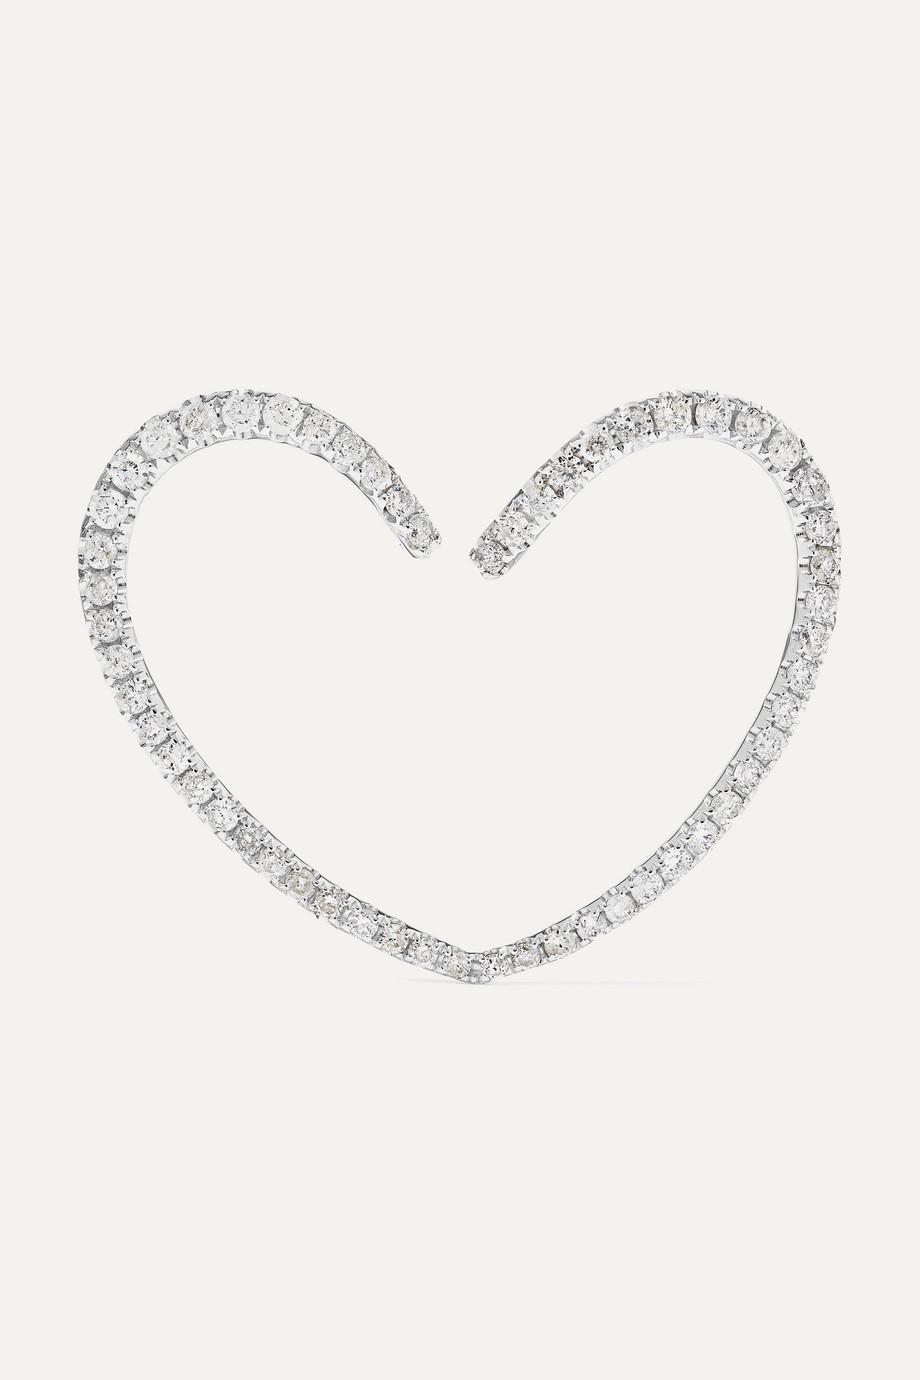 Yvonne Léon 18-karat white gold diamond earring